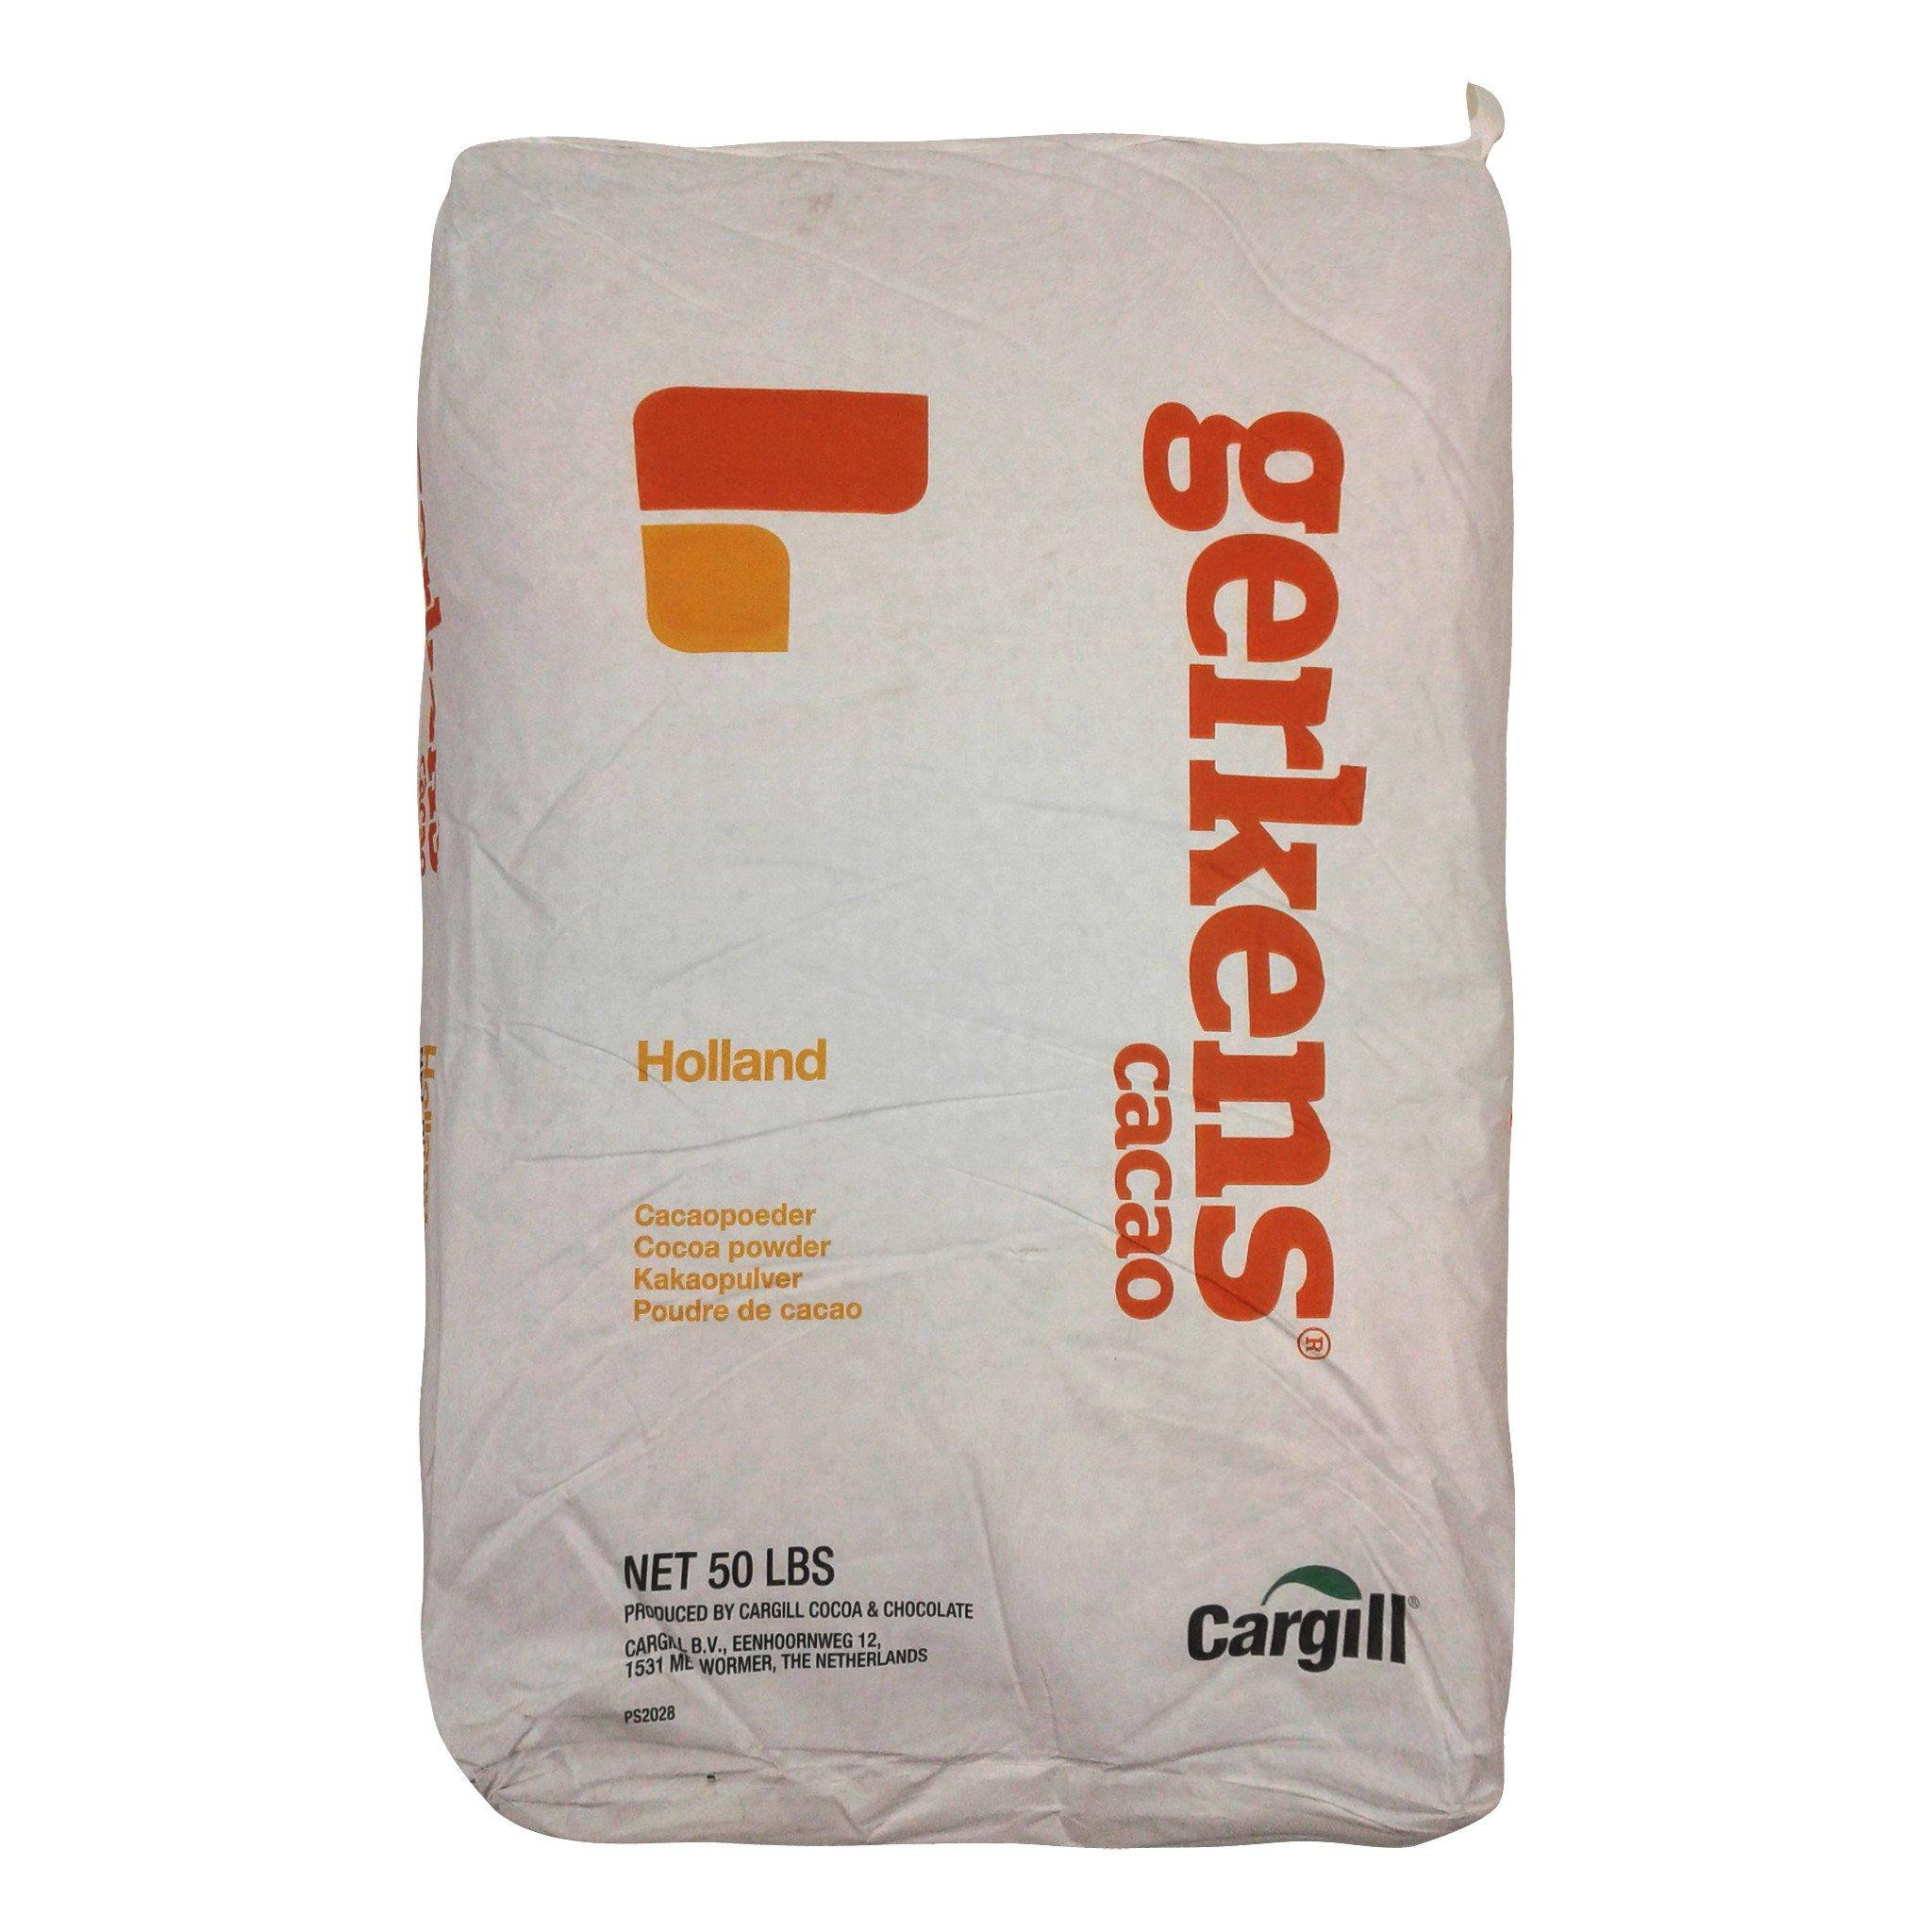 مشخصات پودر کاکائو کارگیل هلند Cargill cocoa powder